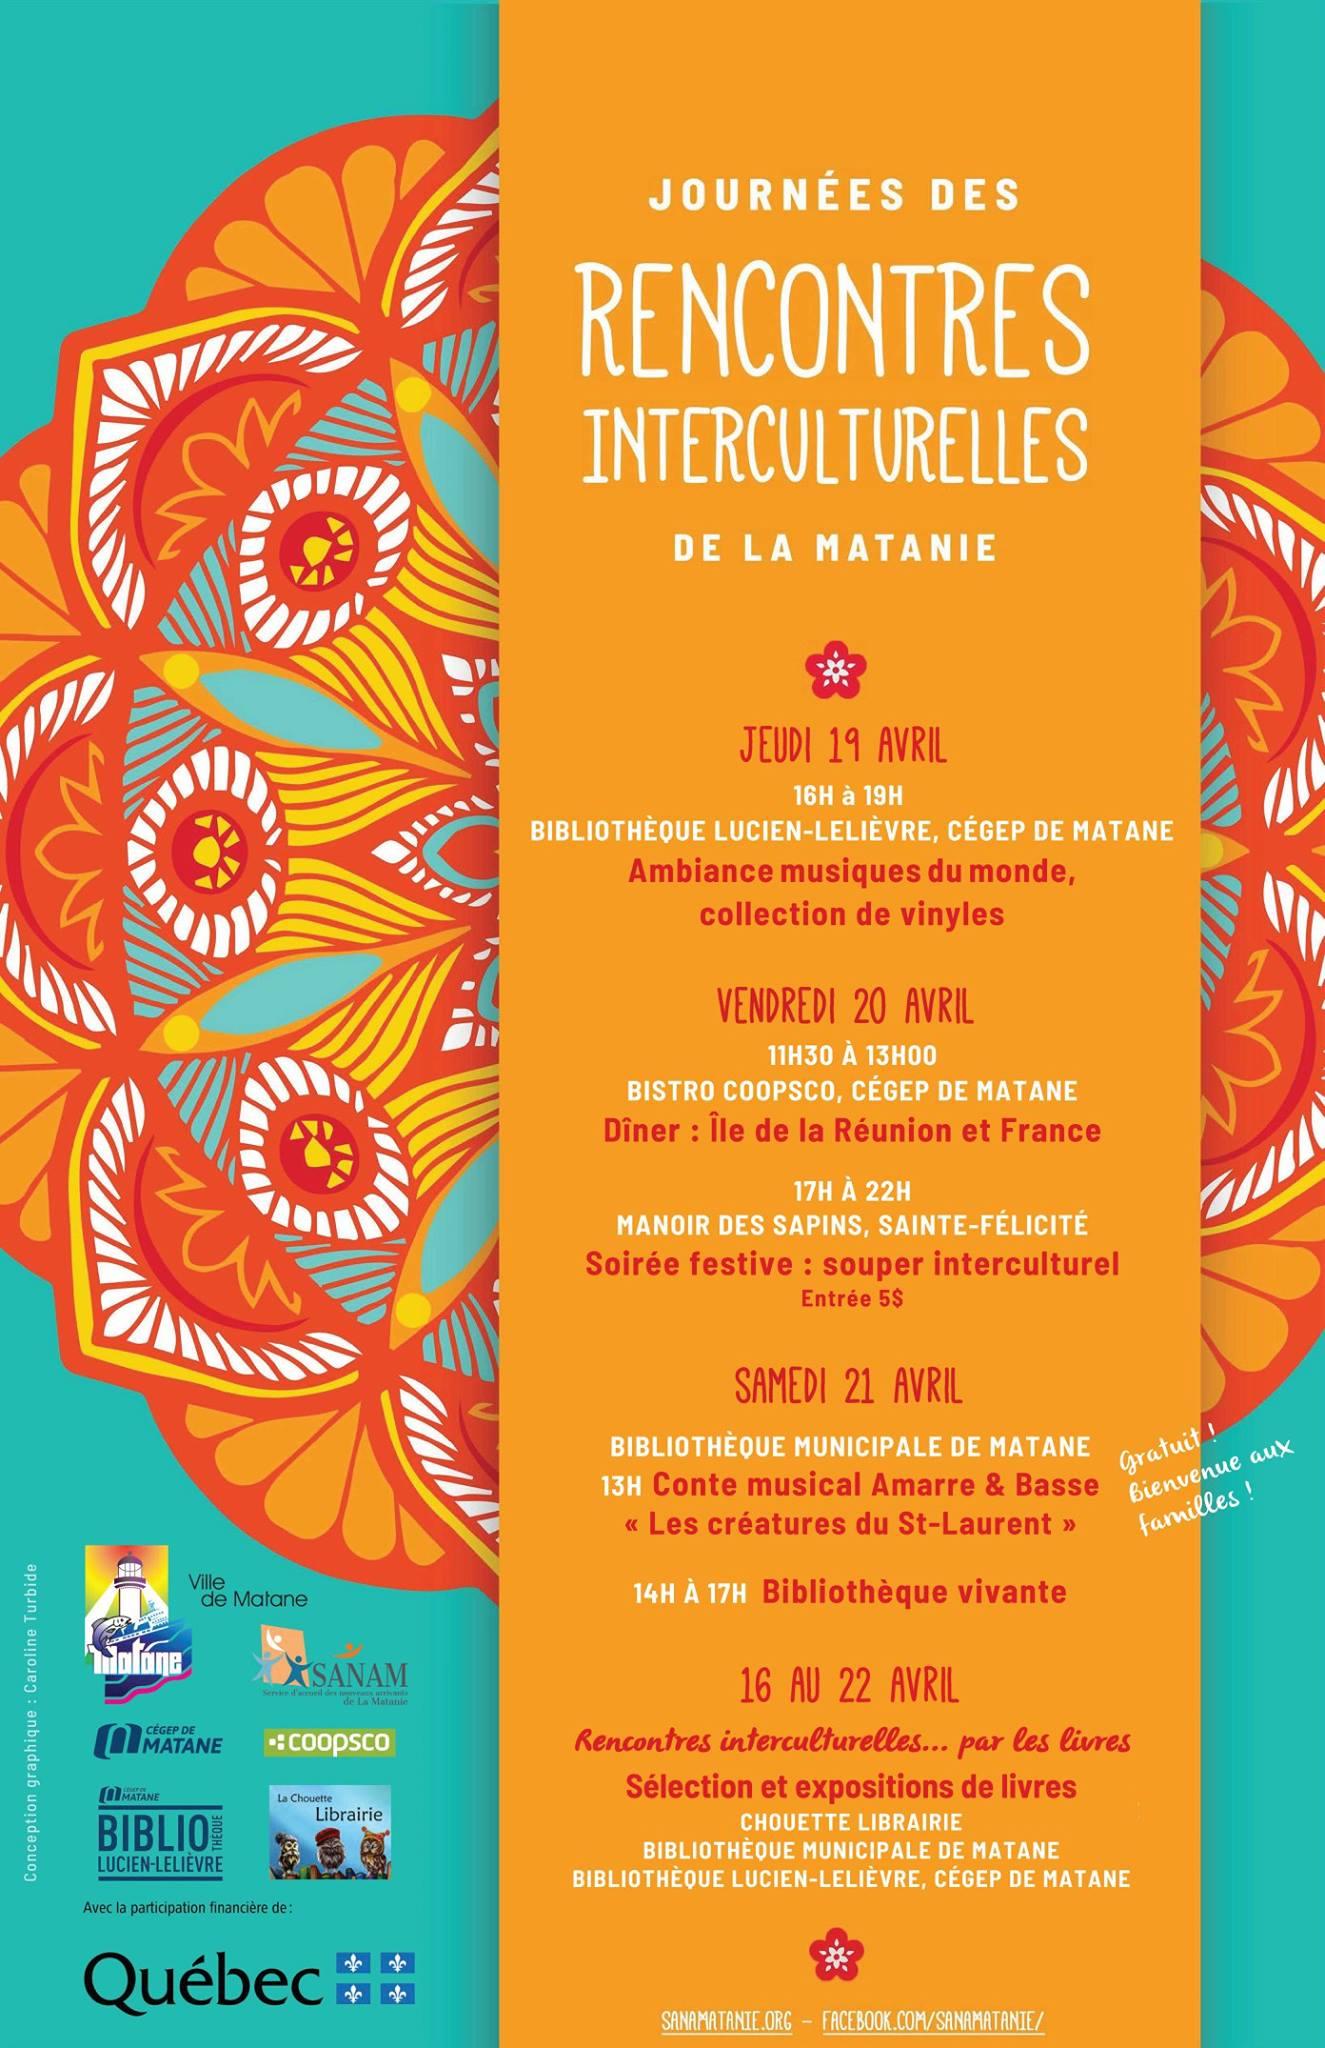 Design de l'identité visuelle des Journées des rencontres interculturelles de la Matanie